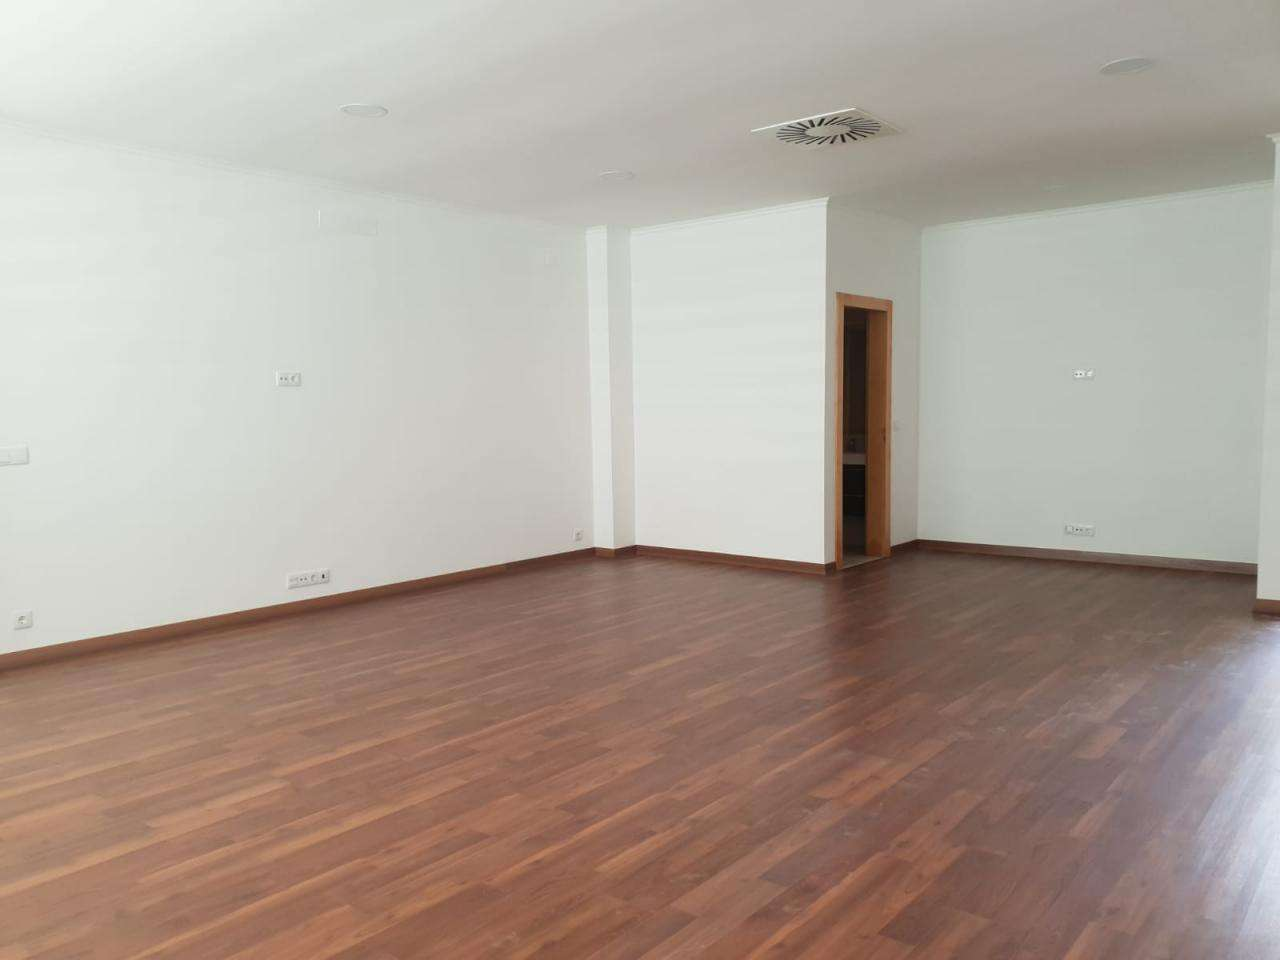 Escritório para arrendar, São Domingos de Benfica, Lisboa - Foto 2